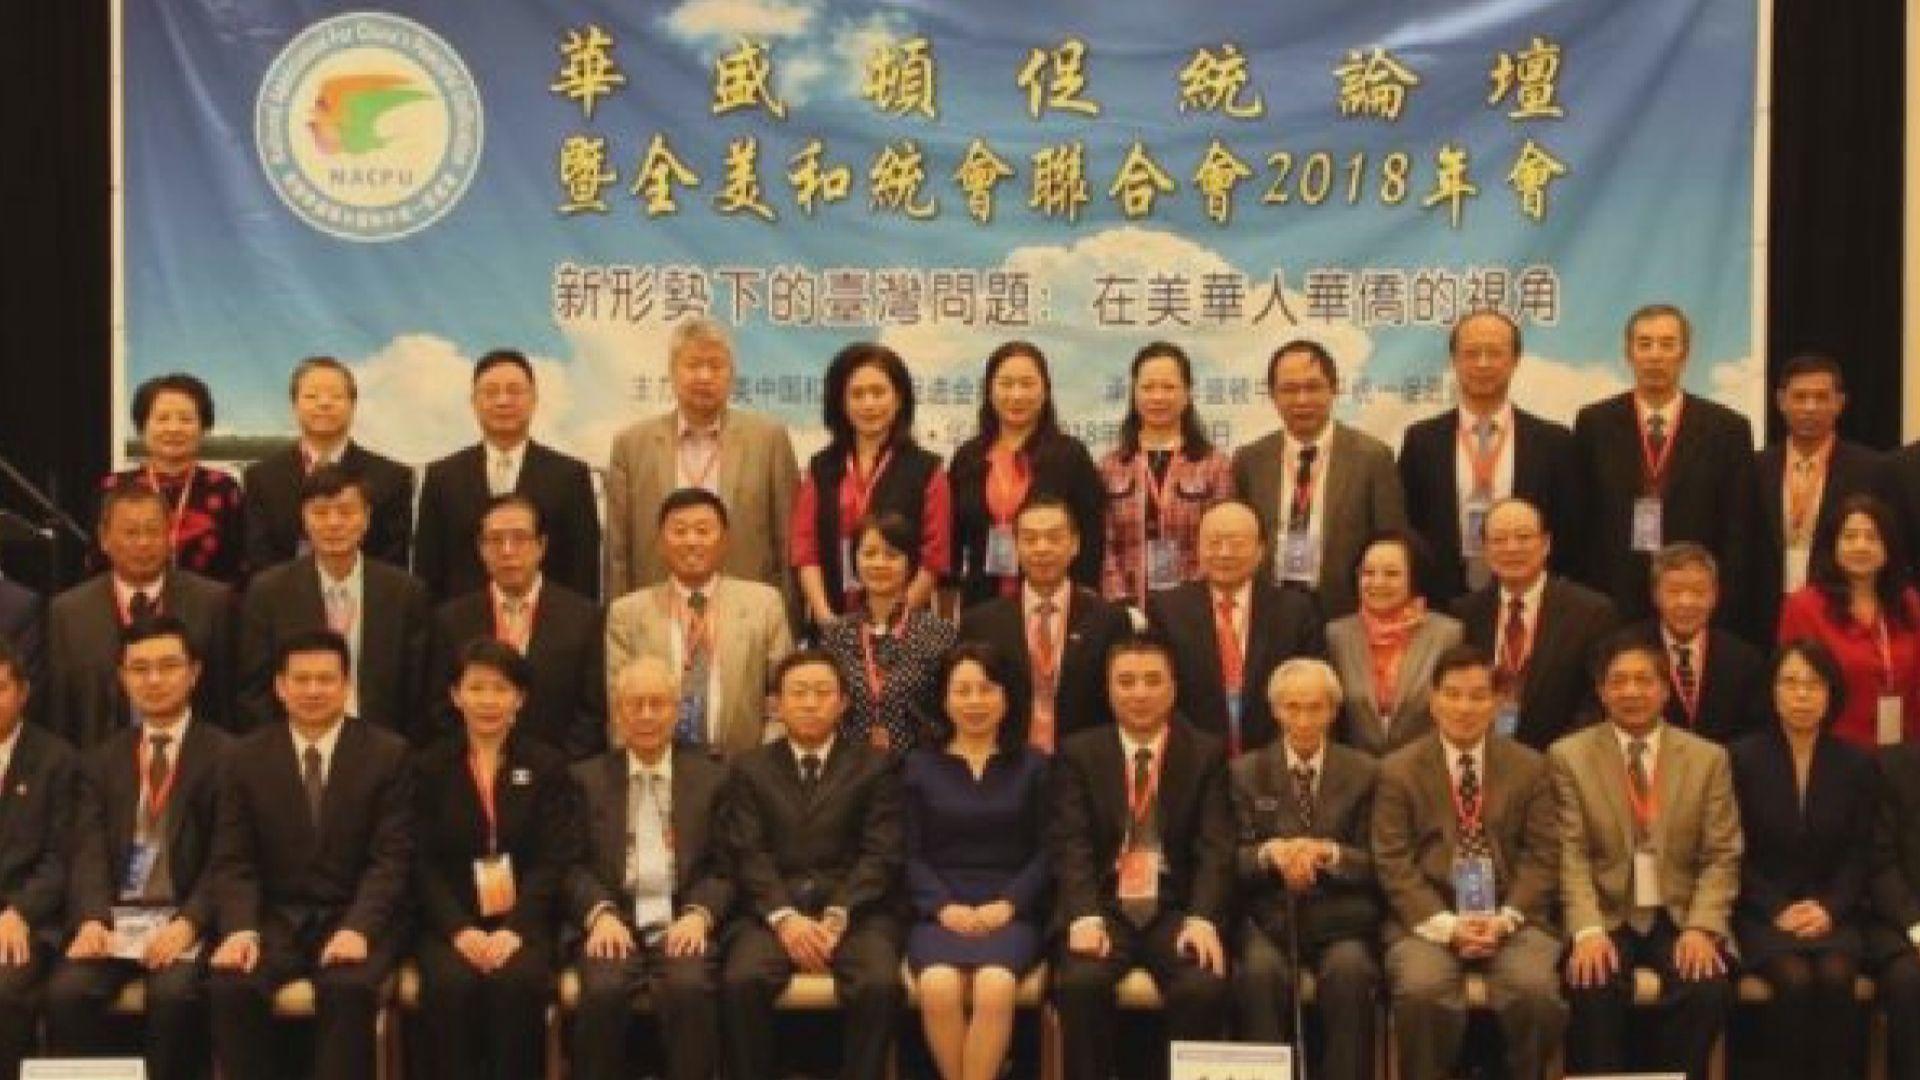 美將中國和平統一促進會列外國使團 中方批是政治操弄